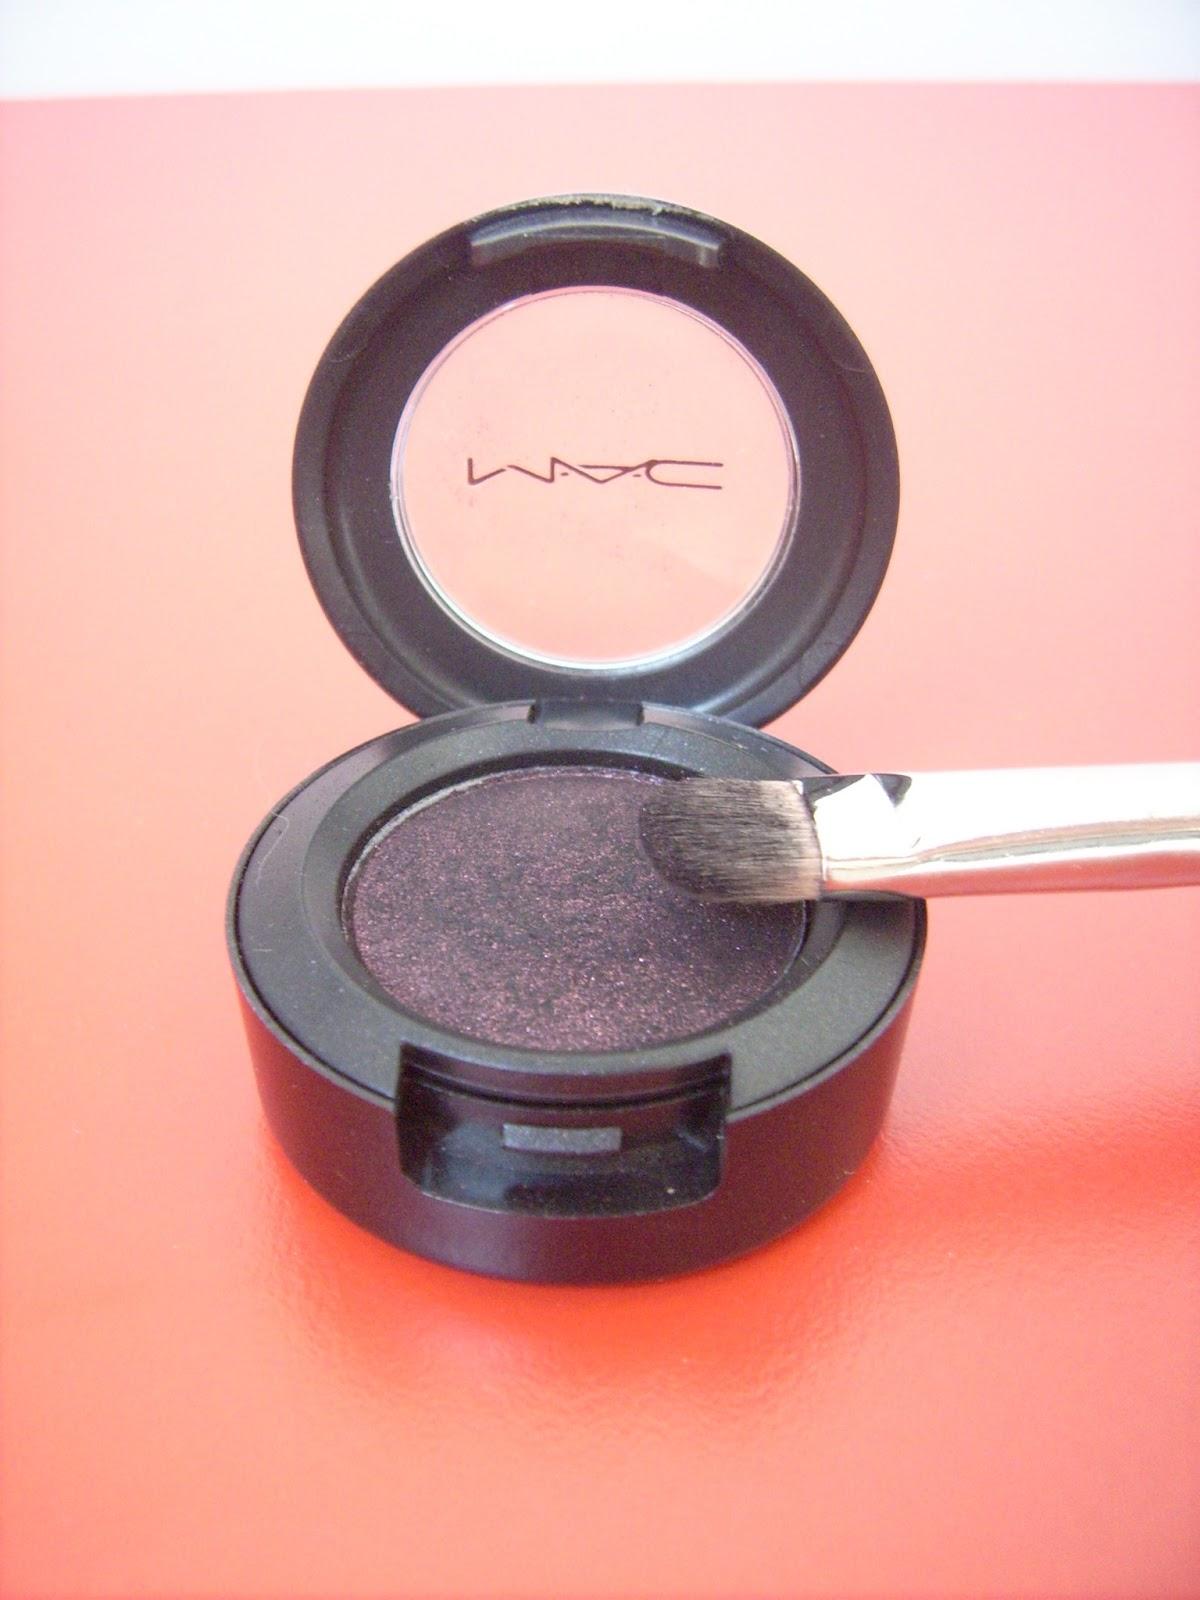 MAC eyeshadows Beauty marked, MAC eyeshadow brush 239